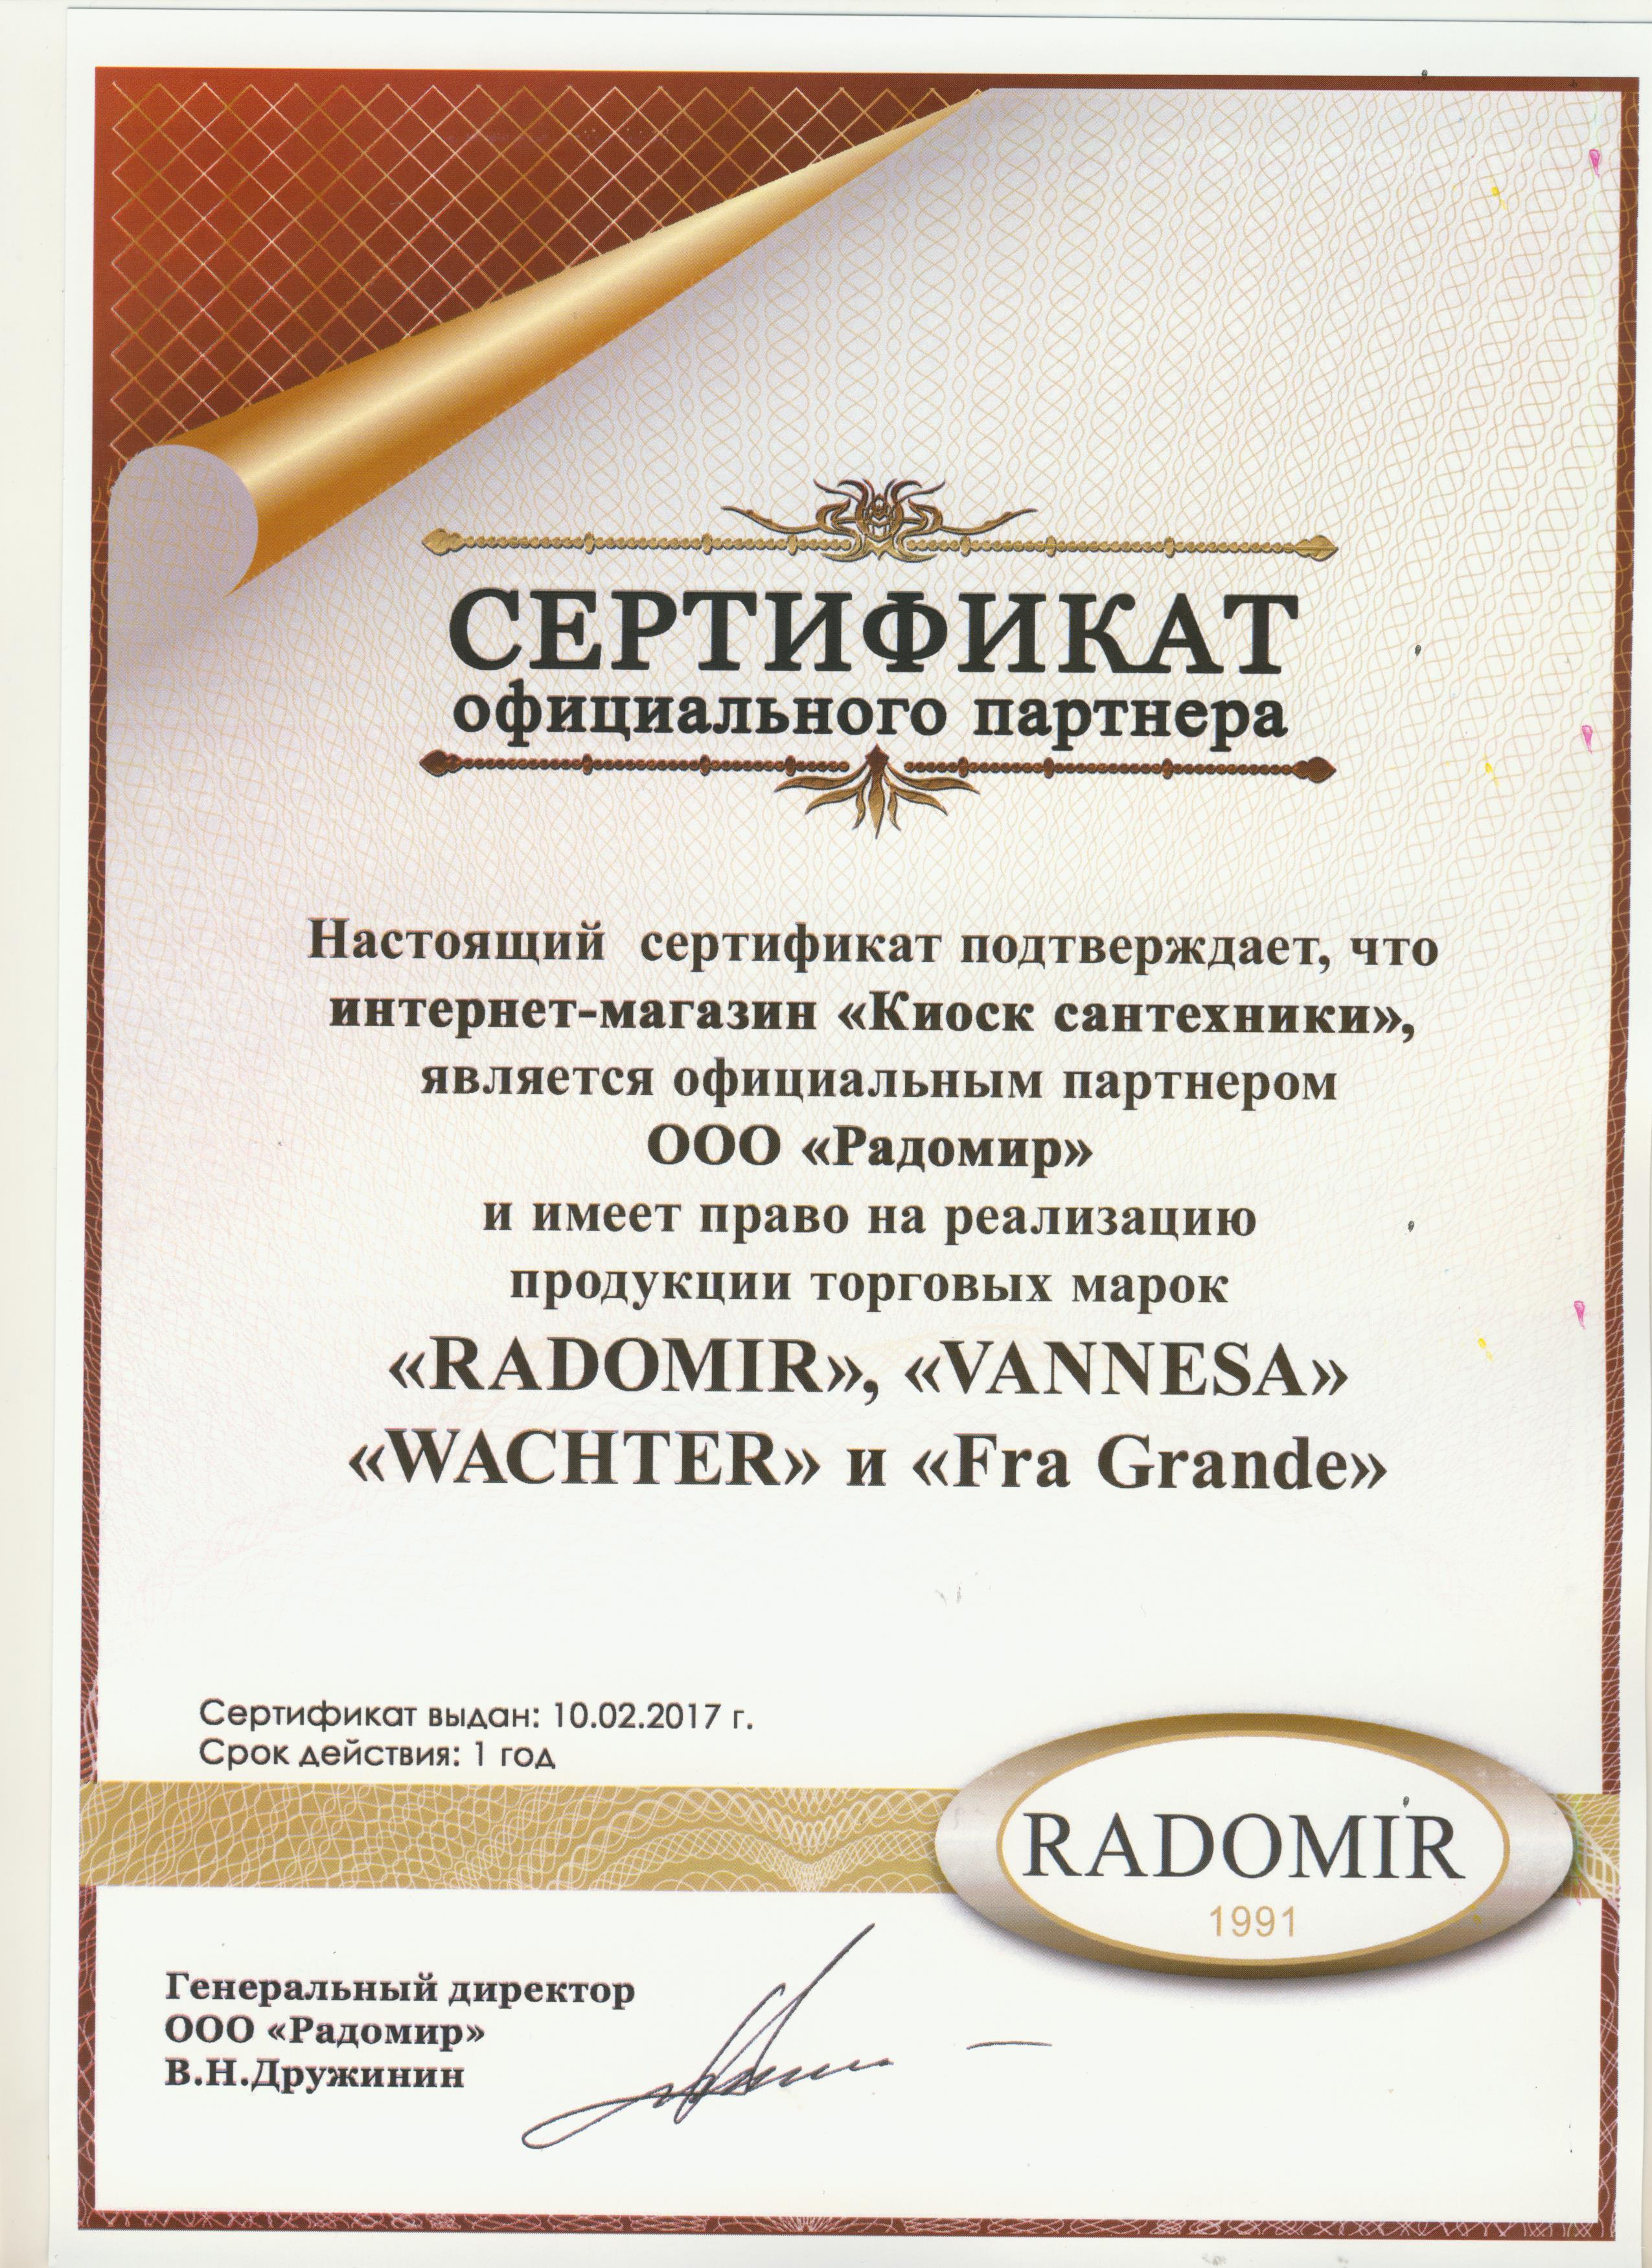 Фото 4892: Душевое ограждение Радомир (FRA GRANDE) 120х90 Лоренцо Великолепный Gold New